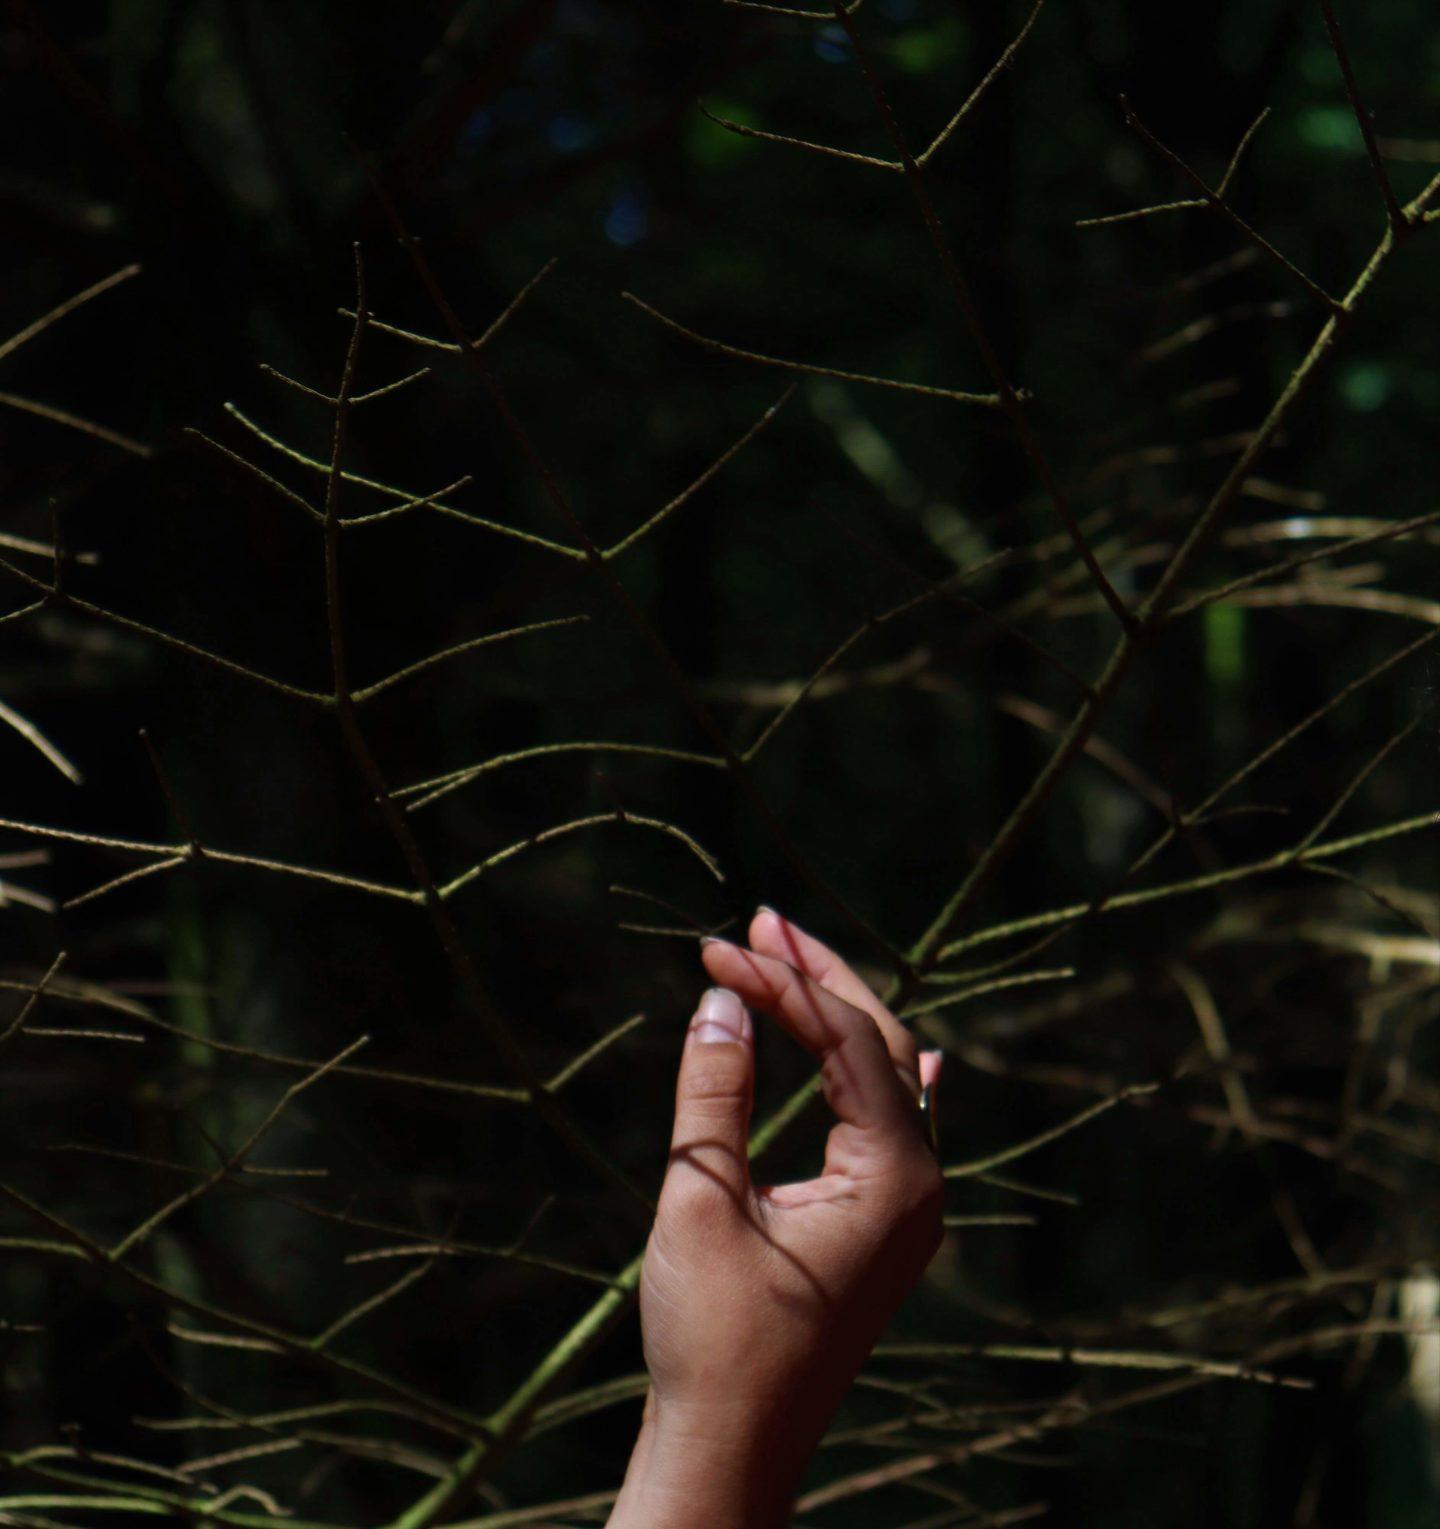 Billede af Carina Lyalls hånd der hviler i grangrene.